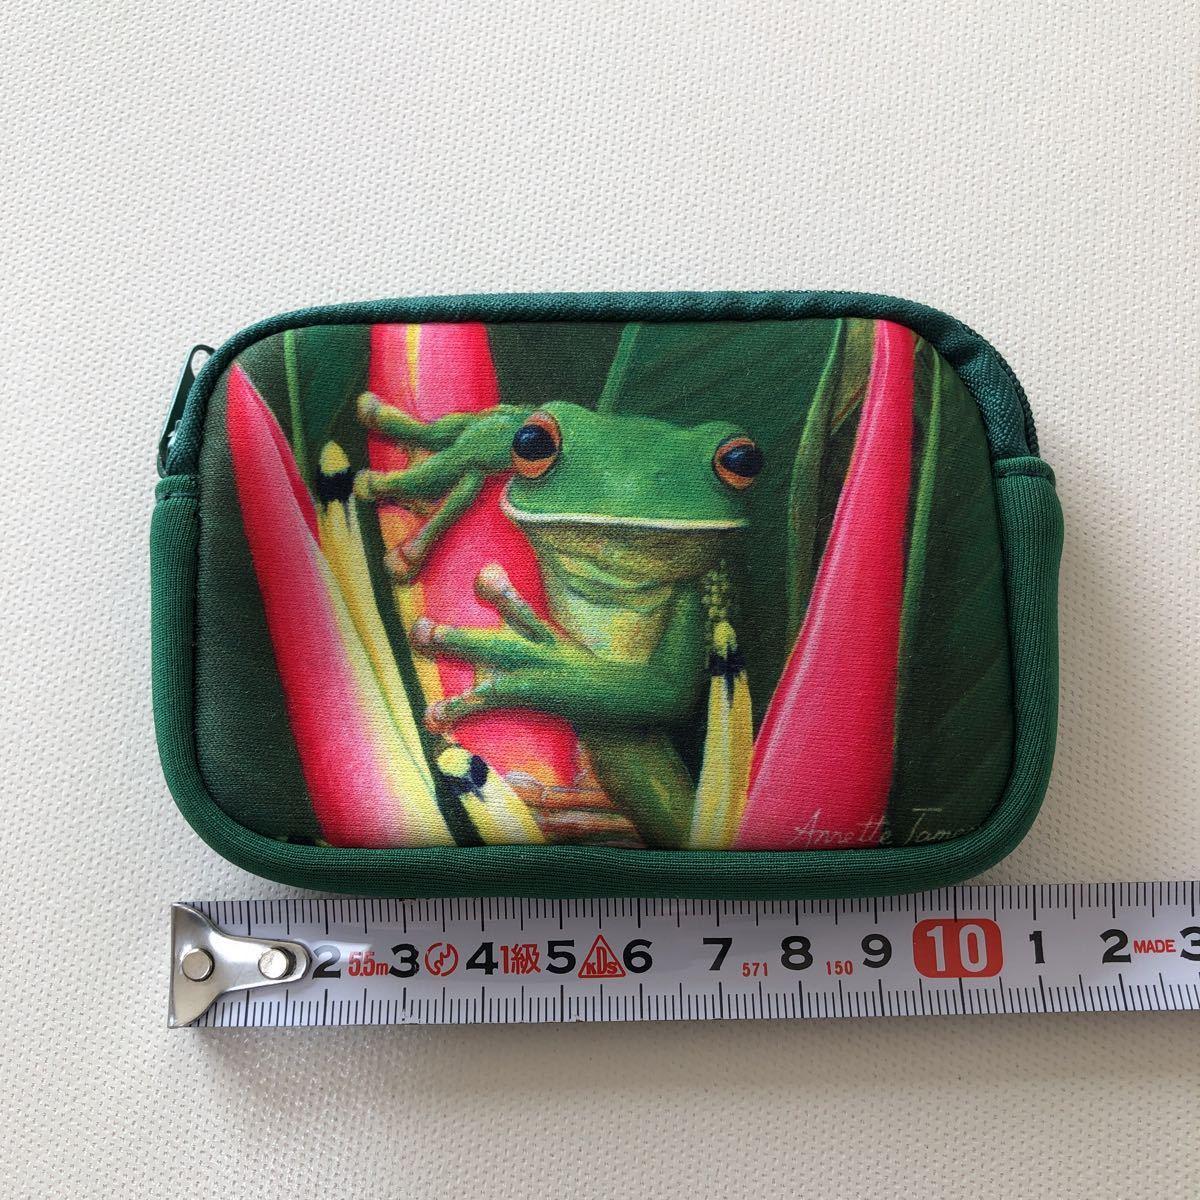 オーストラリア お土産 小物入れ ミニポーチ ポーチ ファスナーポーチ 小銭入れ グリーン 爬虫類_画像3